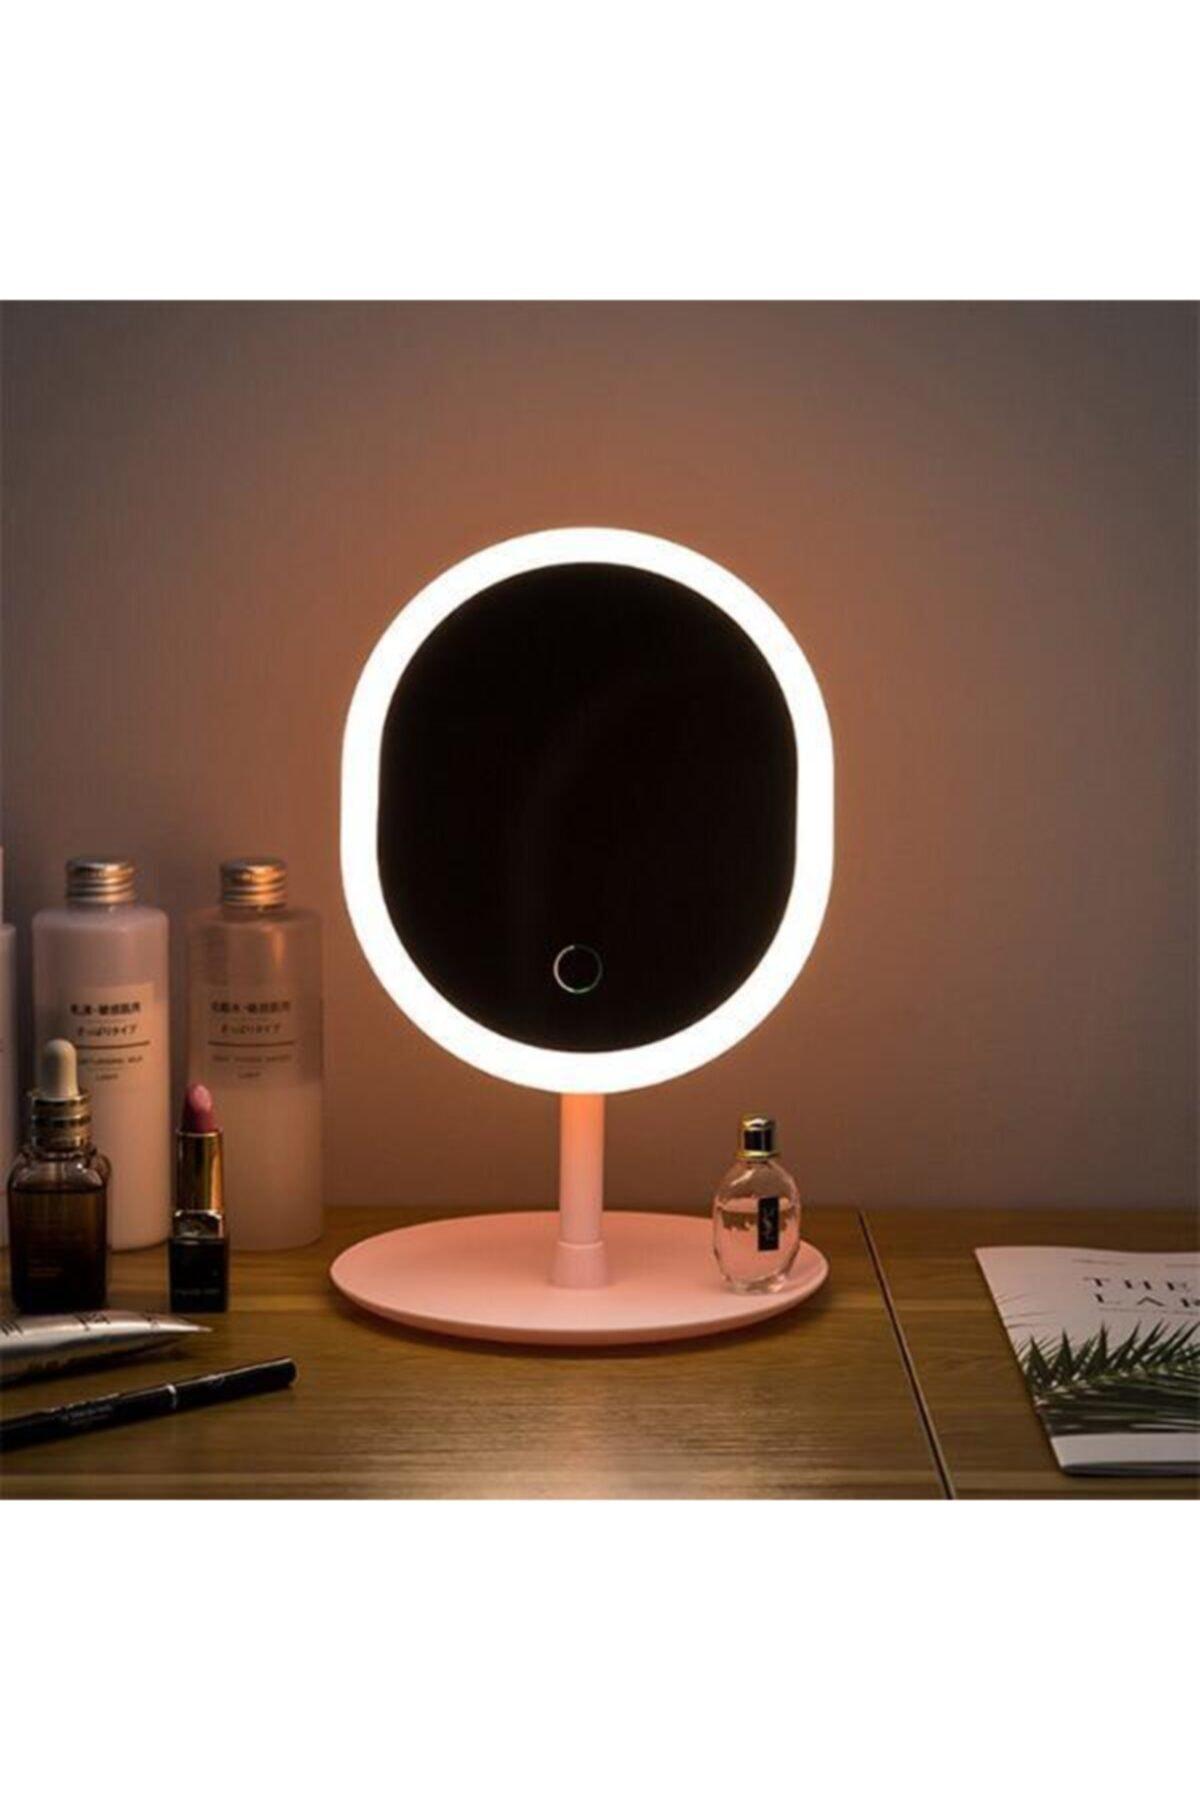 EZERE Makyaj Aynası Led Işıklı Makyaj Dokunmatik Usb Kablolu Lambası Dokunmatik 2